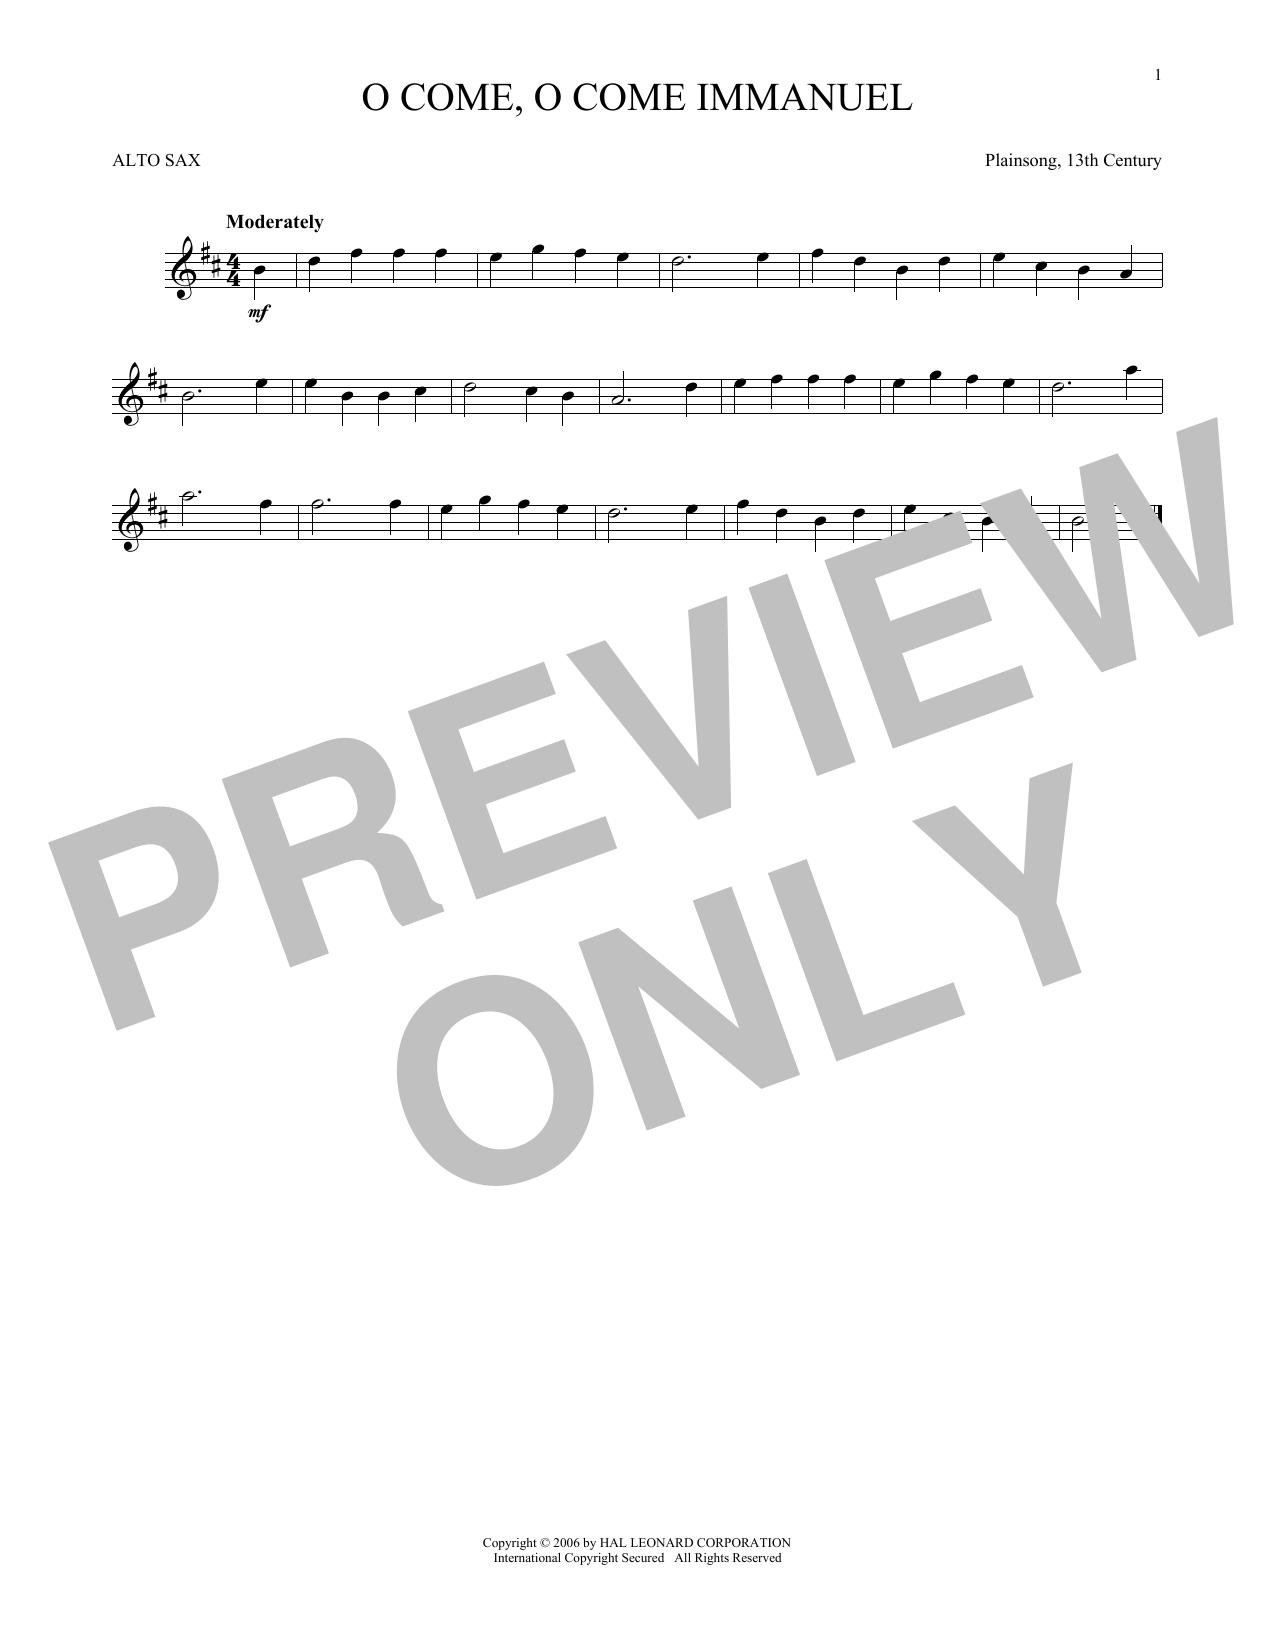 O Come, O Come Immanuel (Alto Sax Solo)